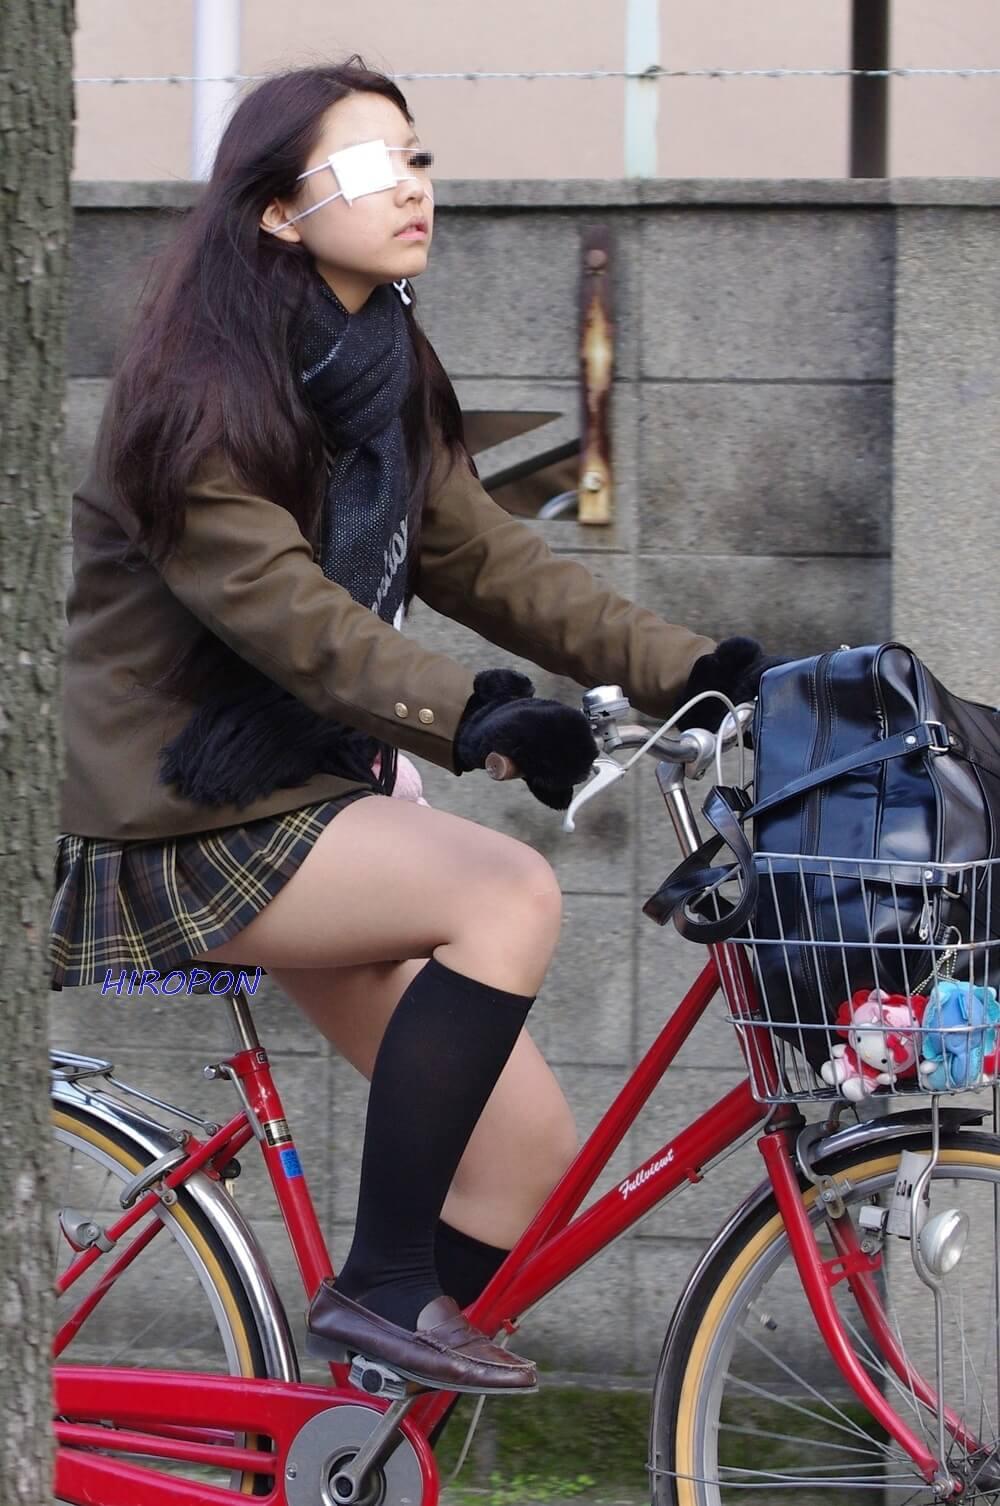 【画像】自転車通学する女子高生のパンチラワンチャン期待奴ww